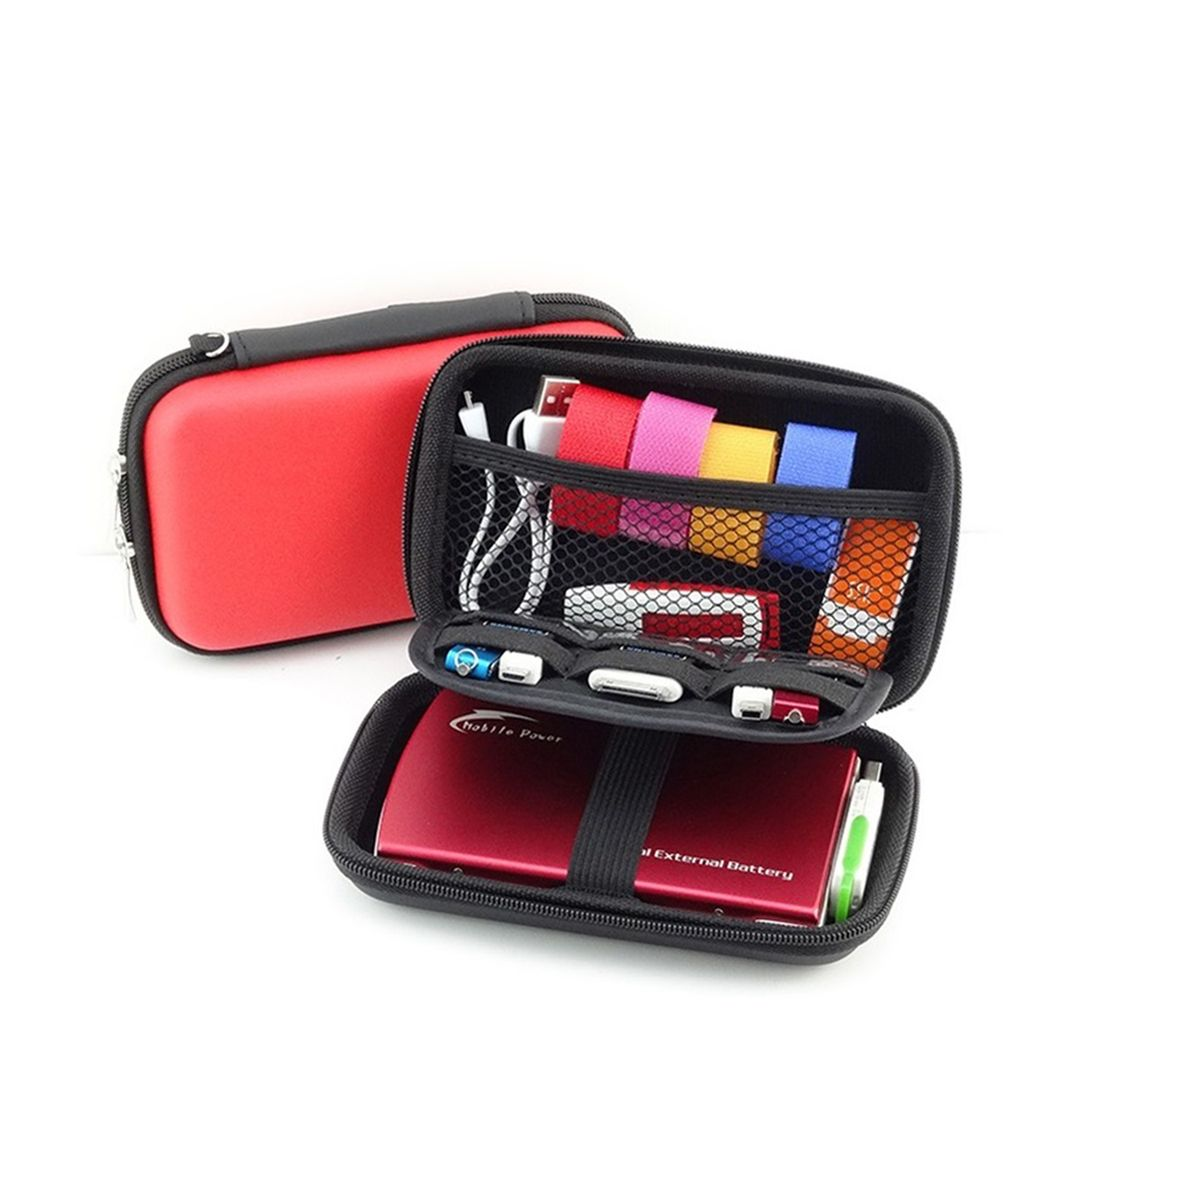 """Органайзер для проводов и аксессуаров """"Homsu"""" выполнен из полиэстера. Благодаря множеству различных кармашков и креплений, а также надежным застежкам на молниях, все необходимые вещи будут в полном порядке, защищенными от любых внешних факторов, в том числе и от дождя. Данный компактный органайзер можно легко разместить в сумке или рюкзаке, а также использовать в качестве косметички или набора по уходу."""